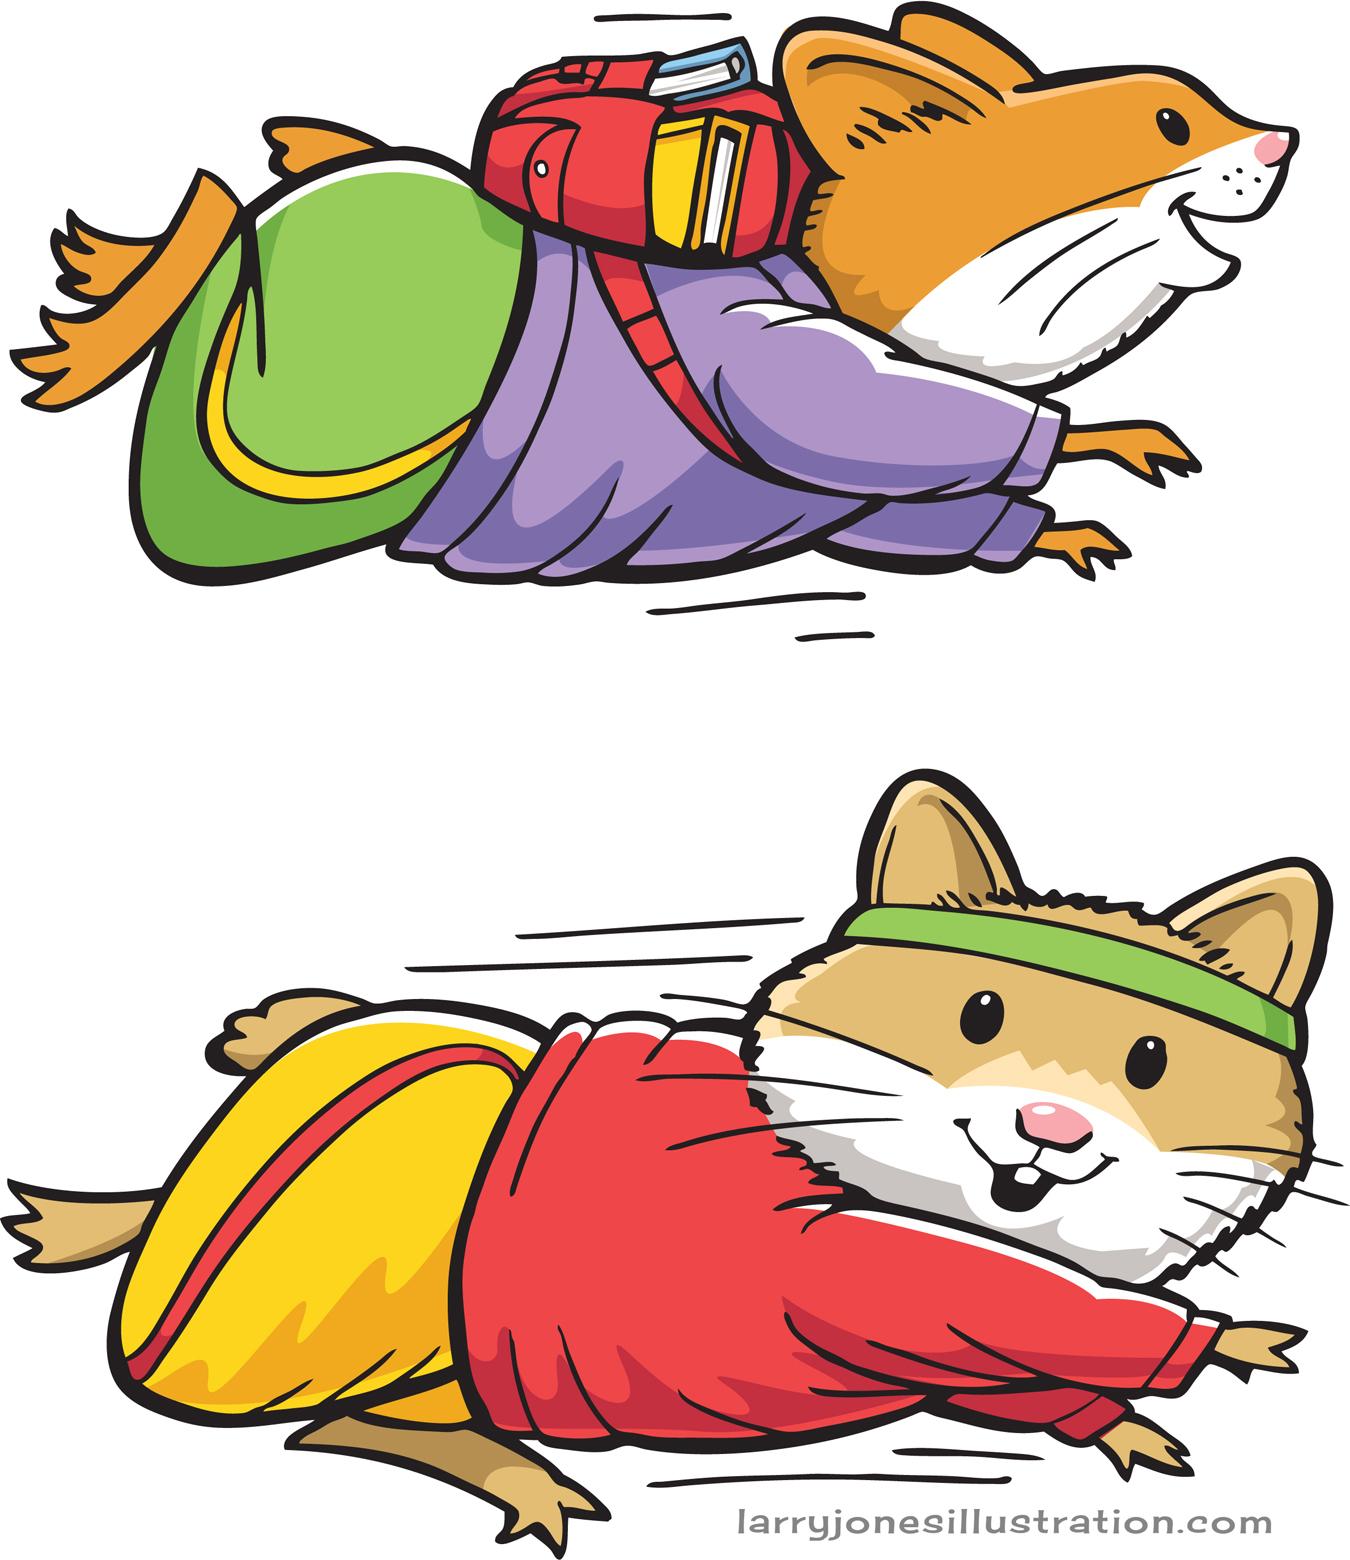 hamsters-running-illustrations.jpg